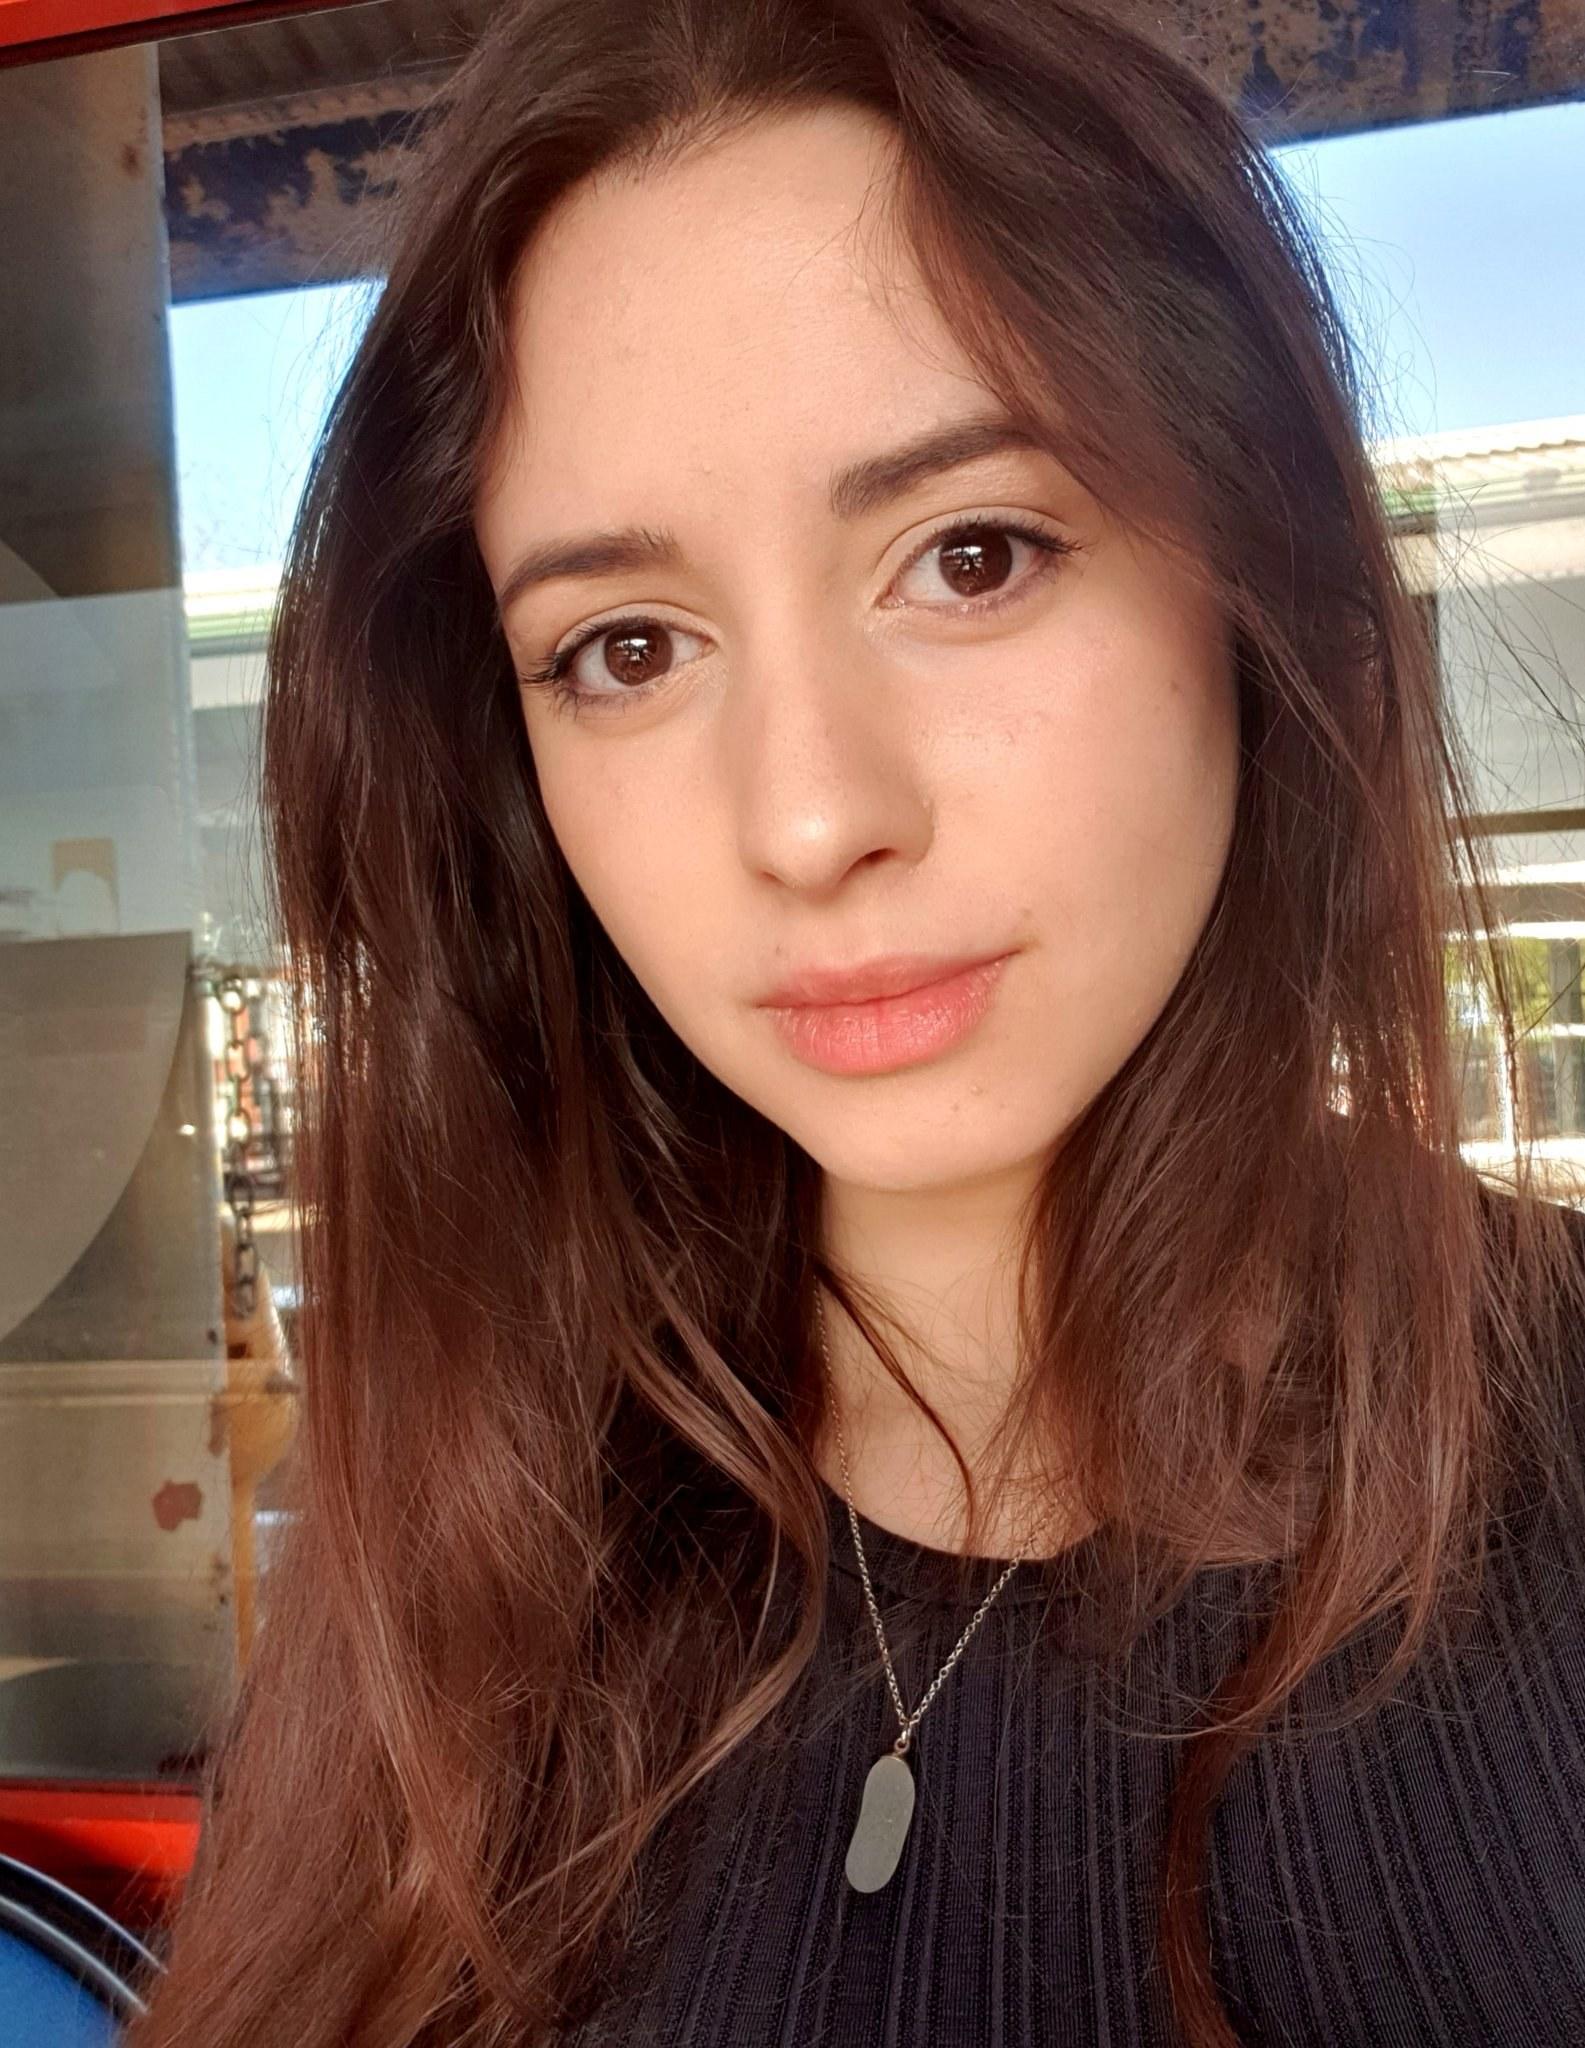 @Tweet4nita (Twitter)